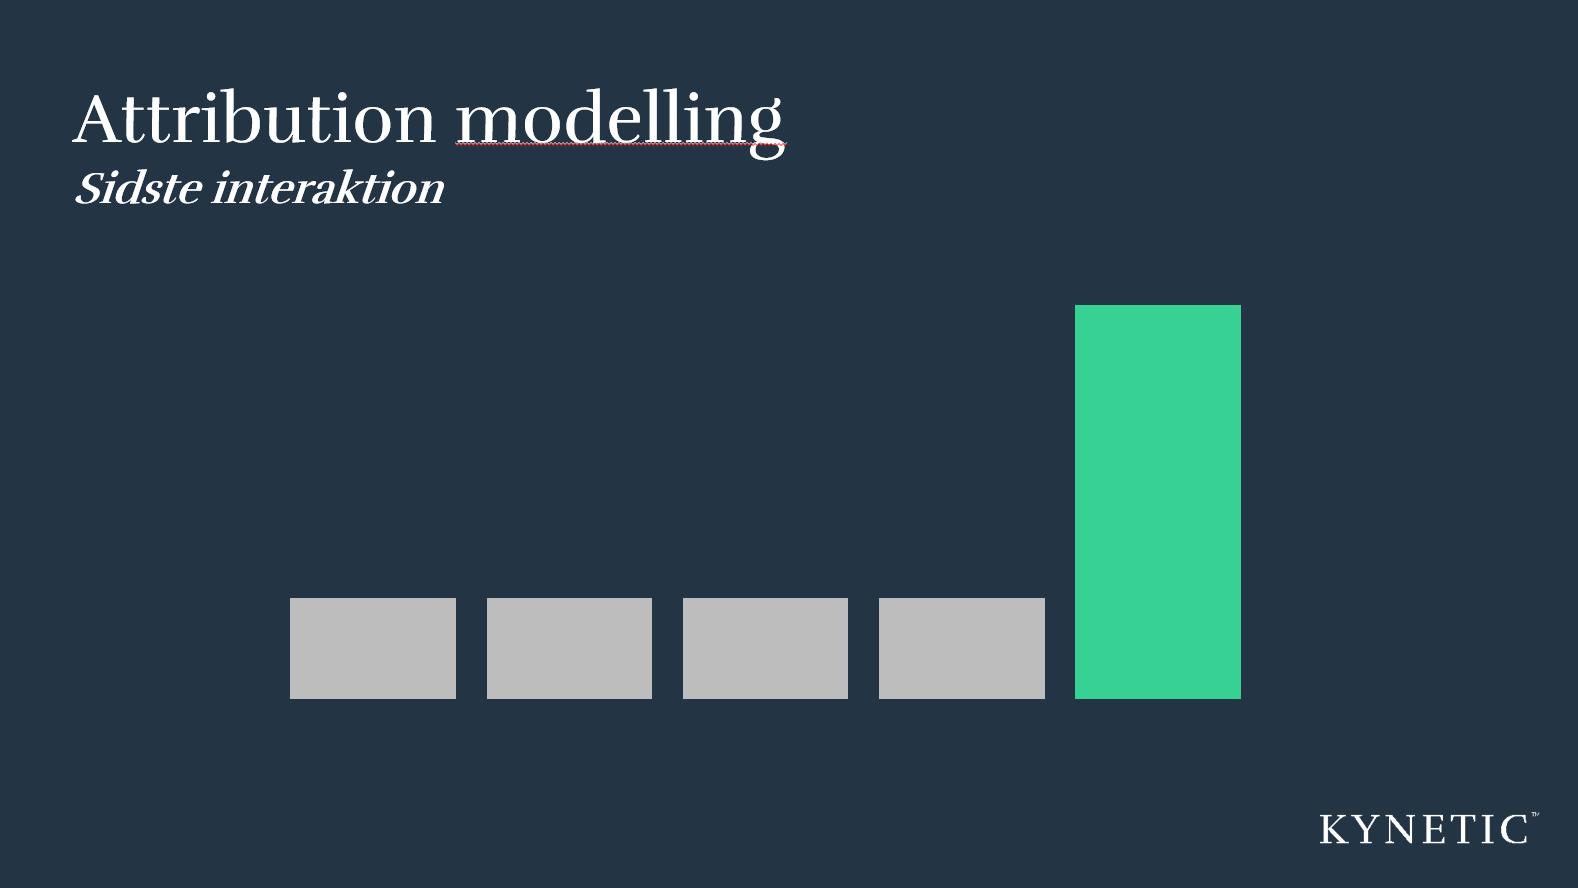 Sidste-klik-attribution-modelling